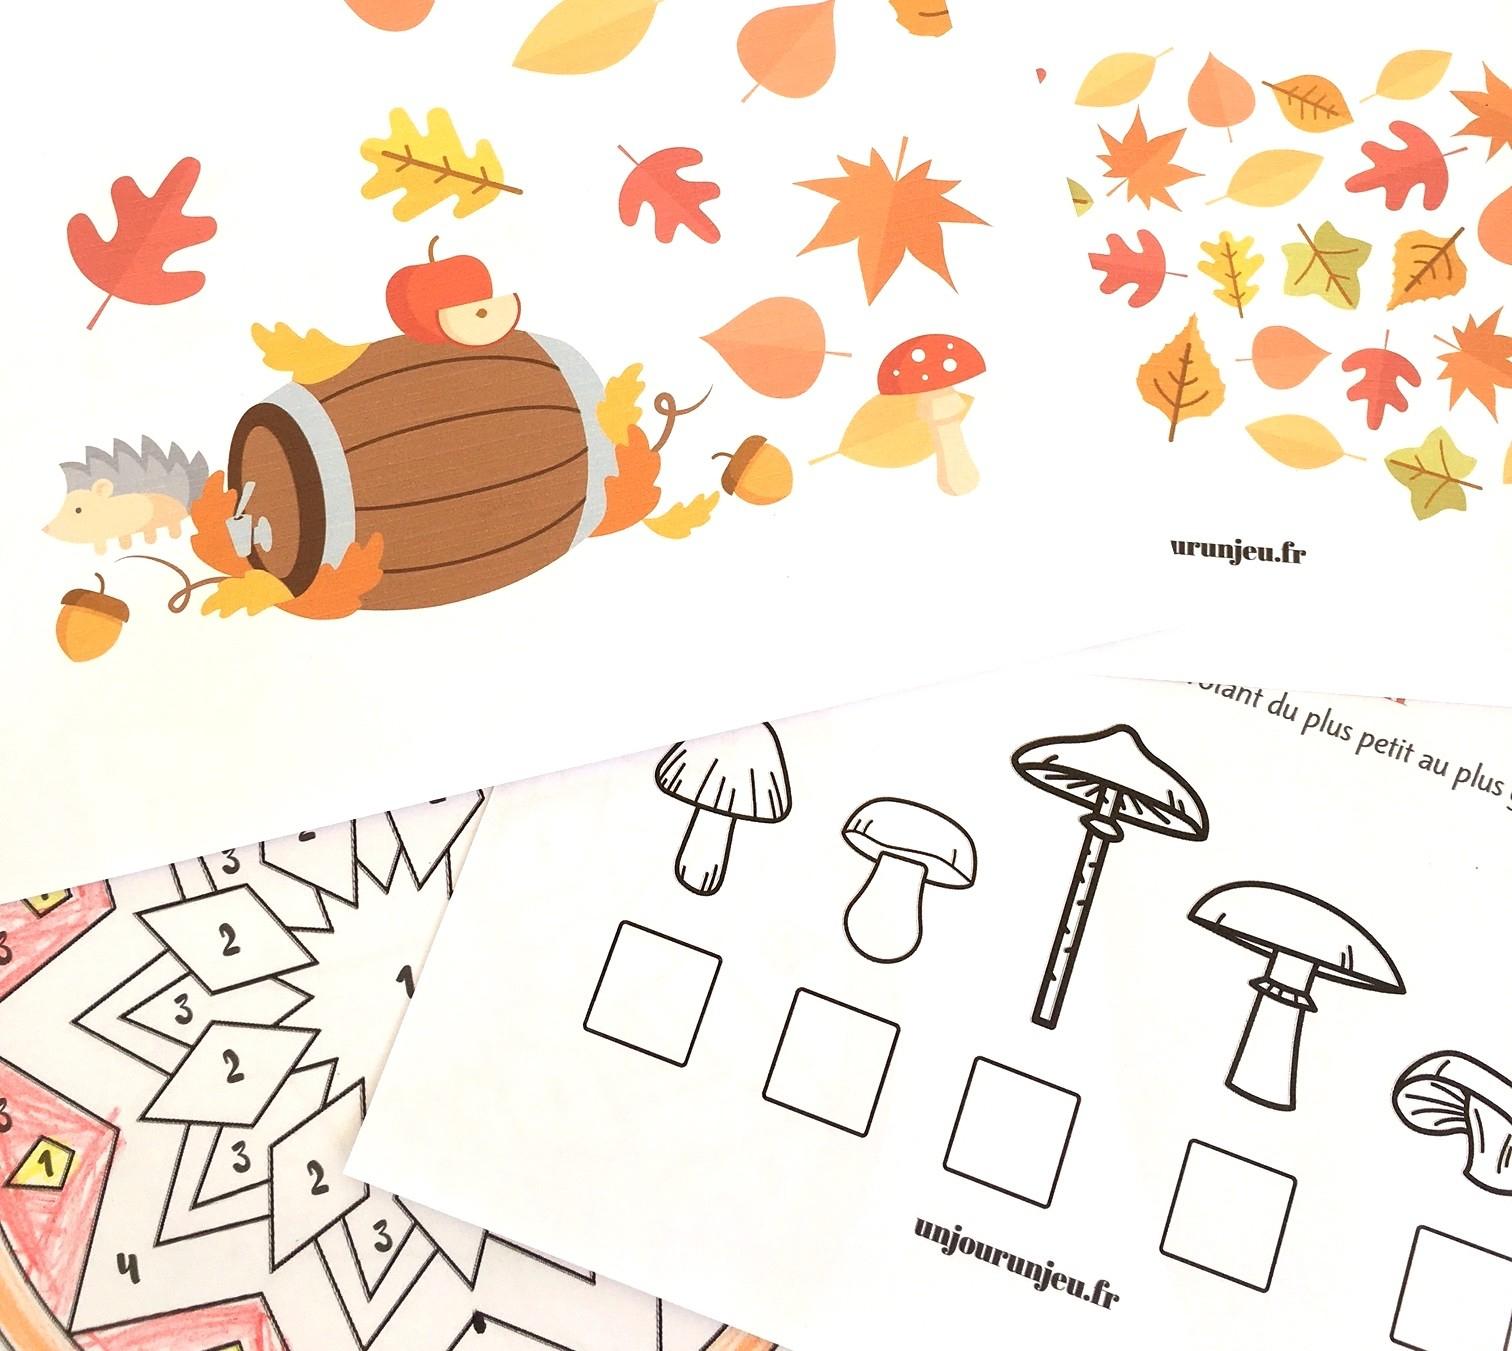 Votre Cahier D'activités De L'automne À Télécharger Gratuitement dedans Jeux Facile Pour Petit Gratuit